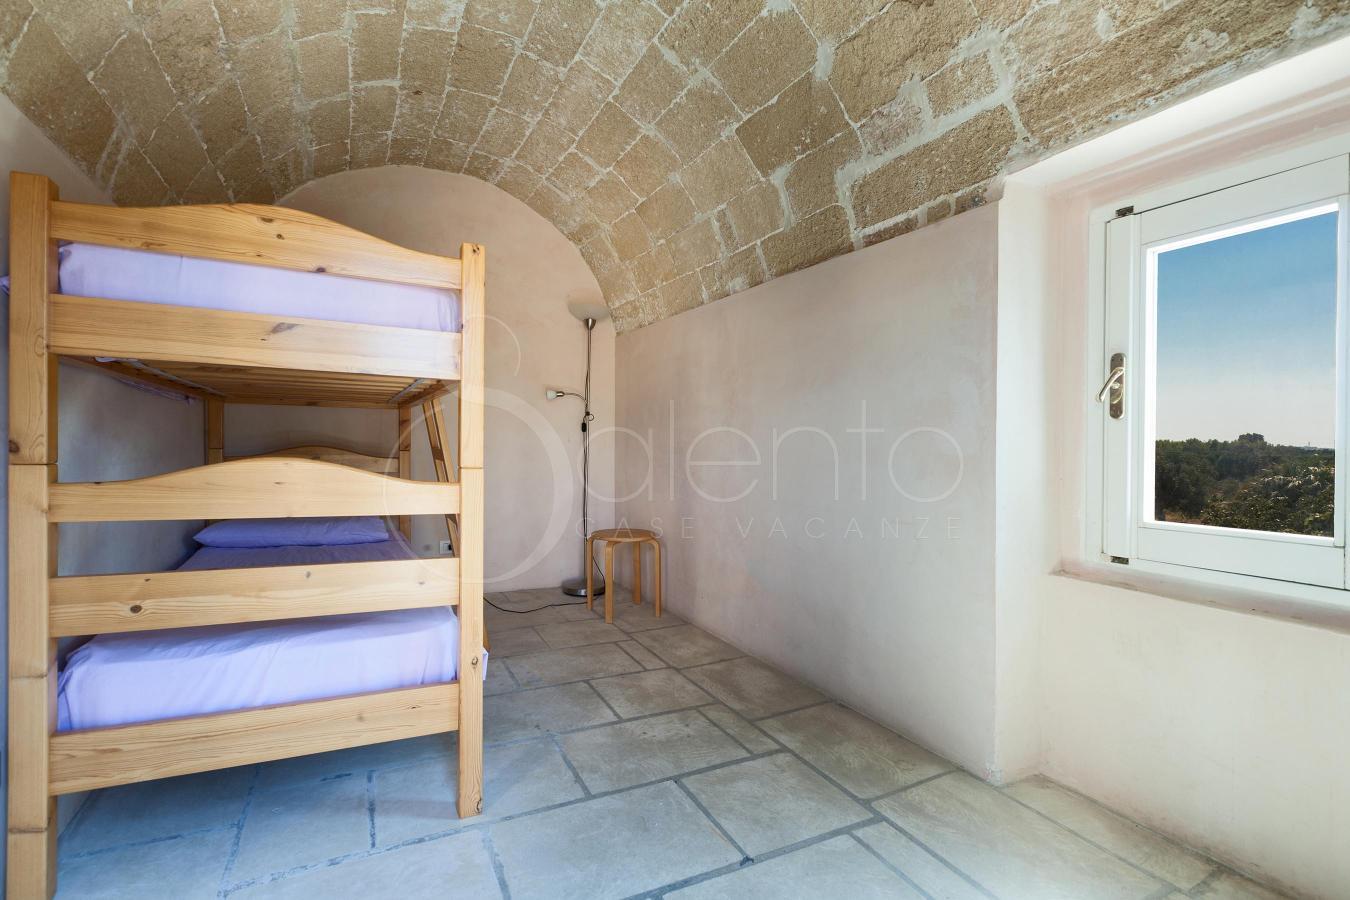 Villa con giardino per vacanze a gallipoli villa rivabella for Bagno 8 rivabella